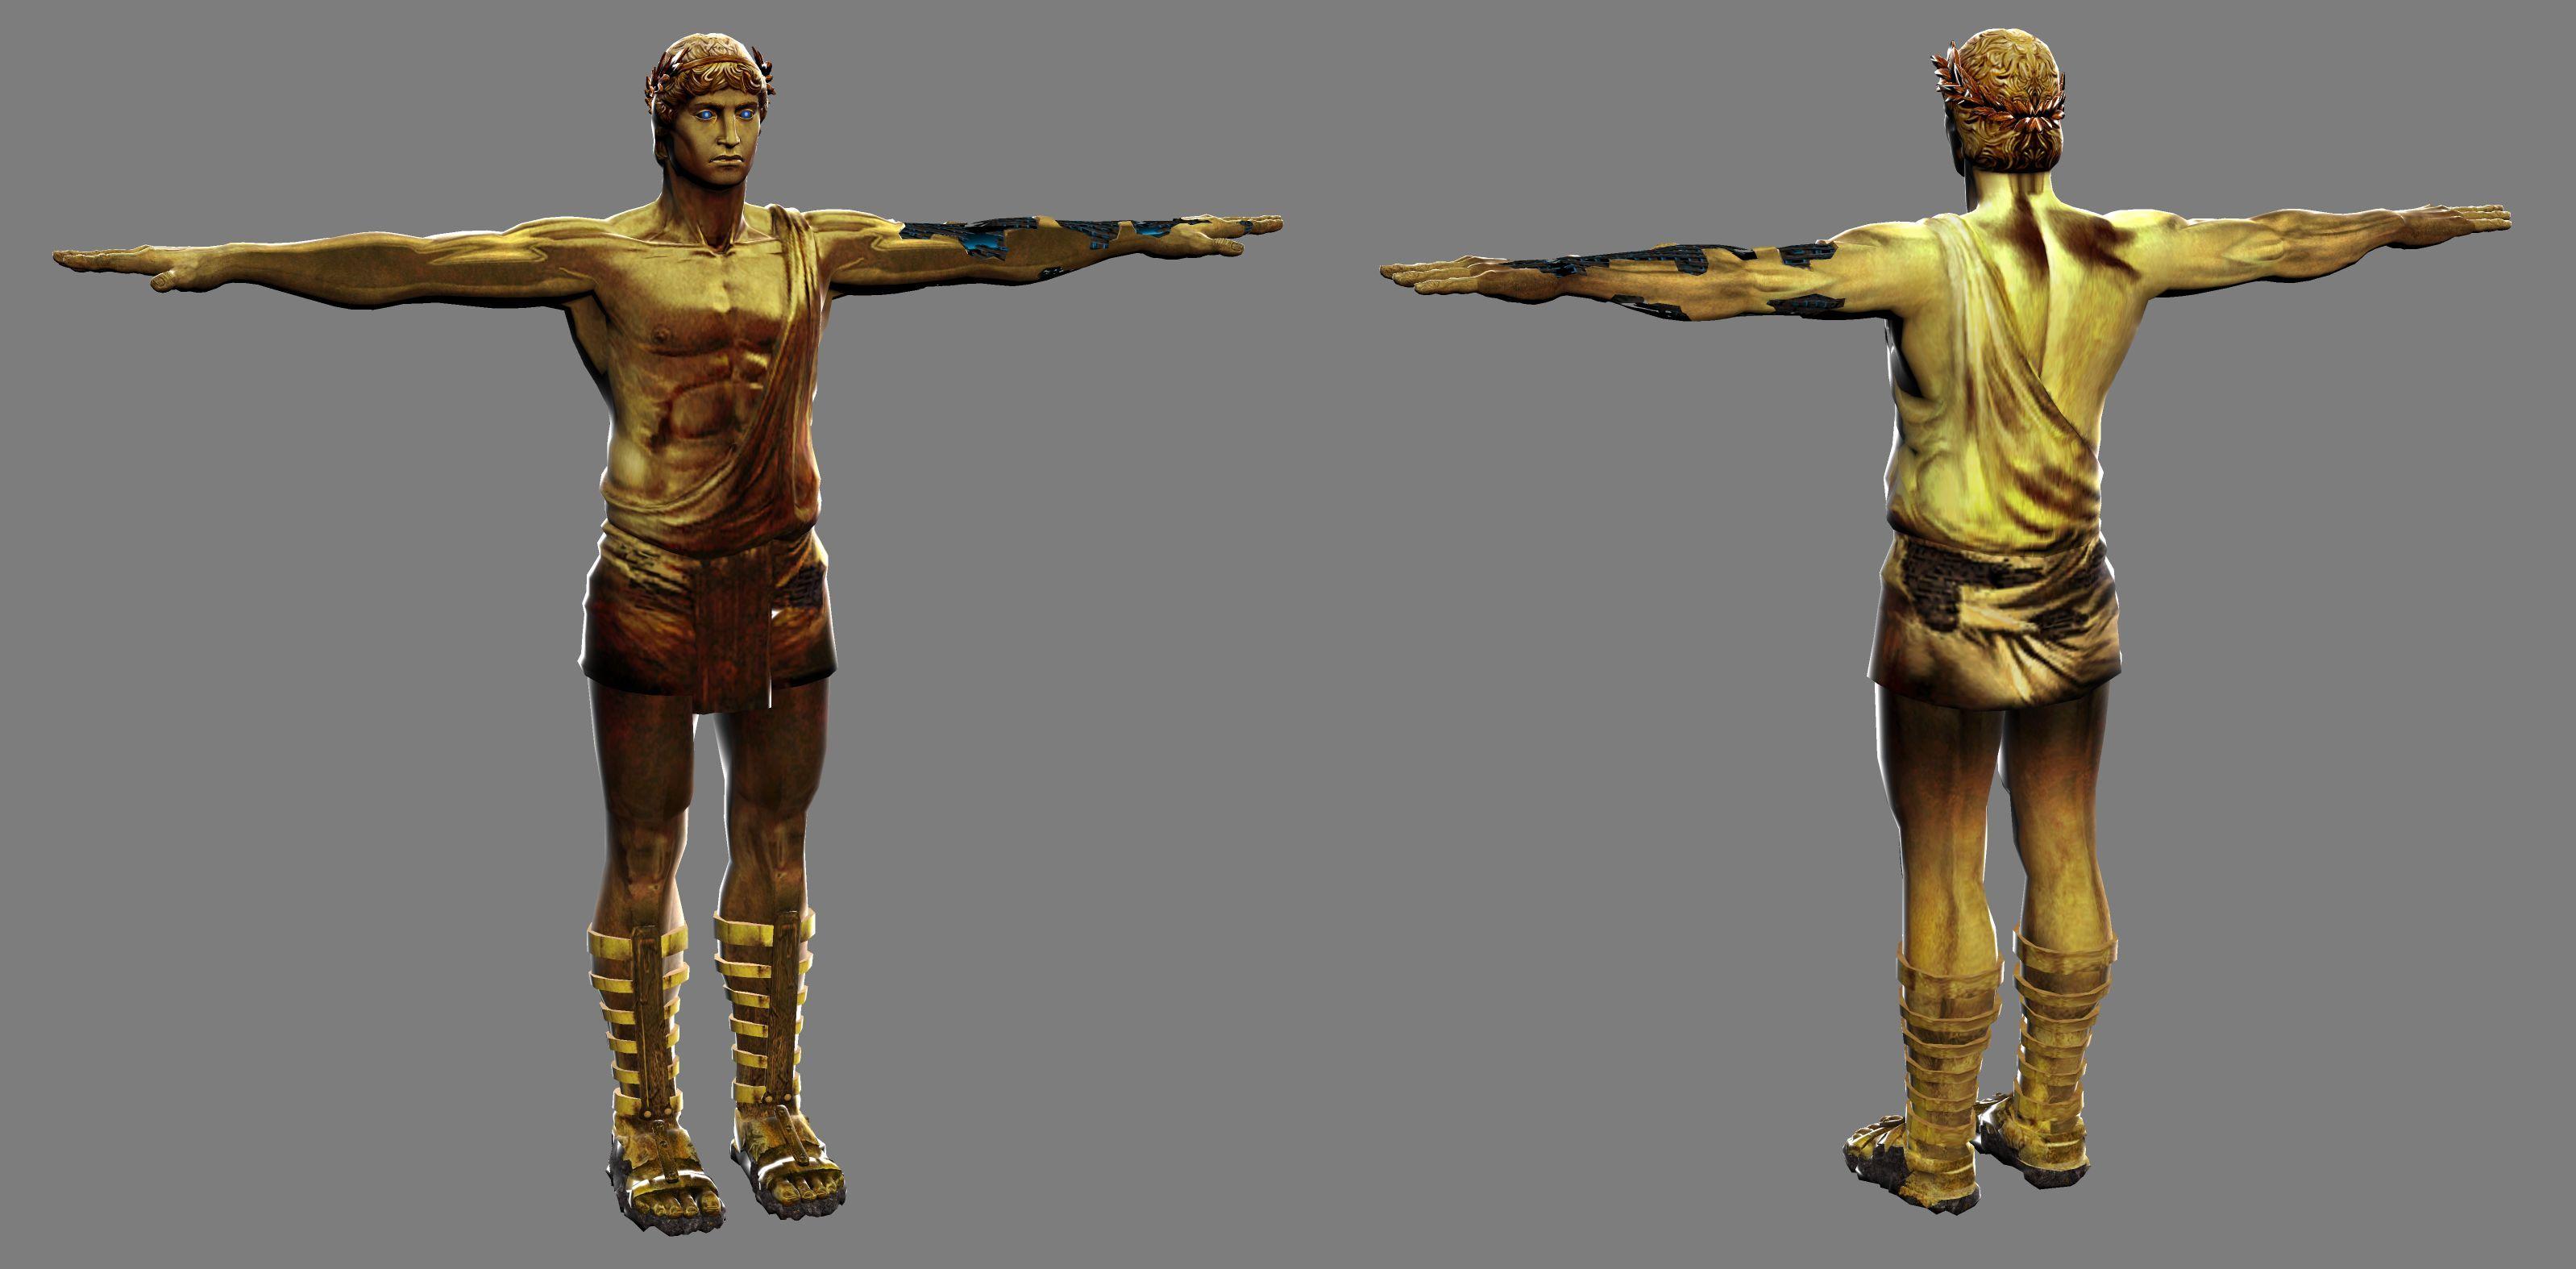 El coloso de Rodas representa a.... y aparece en....?